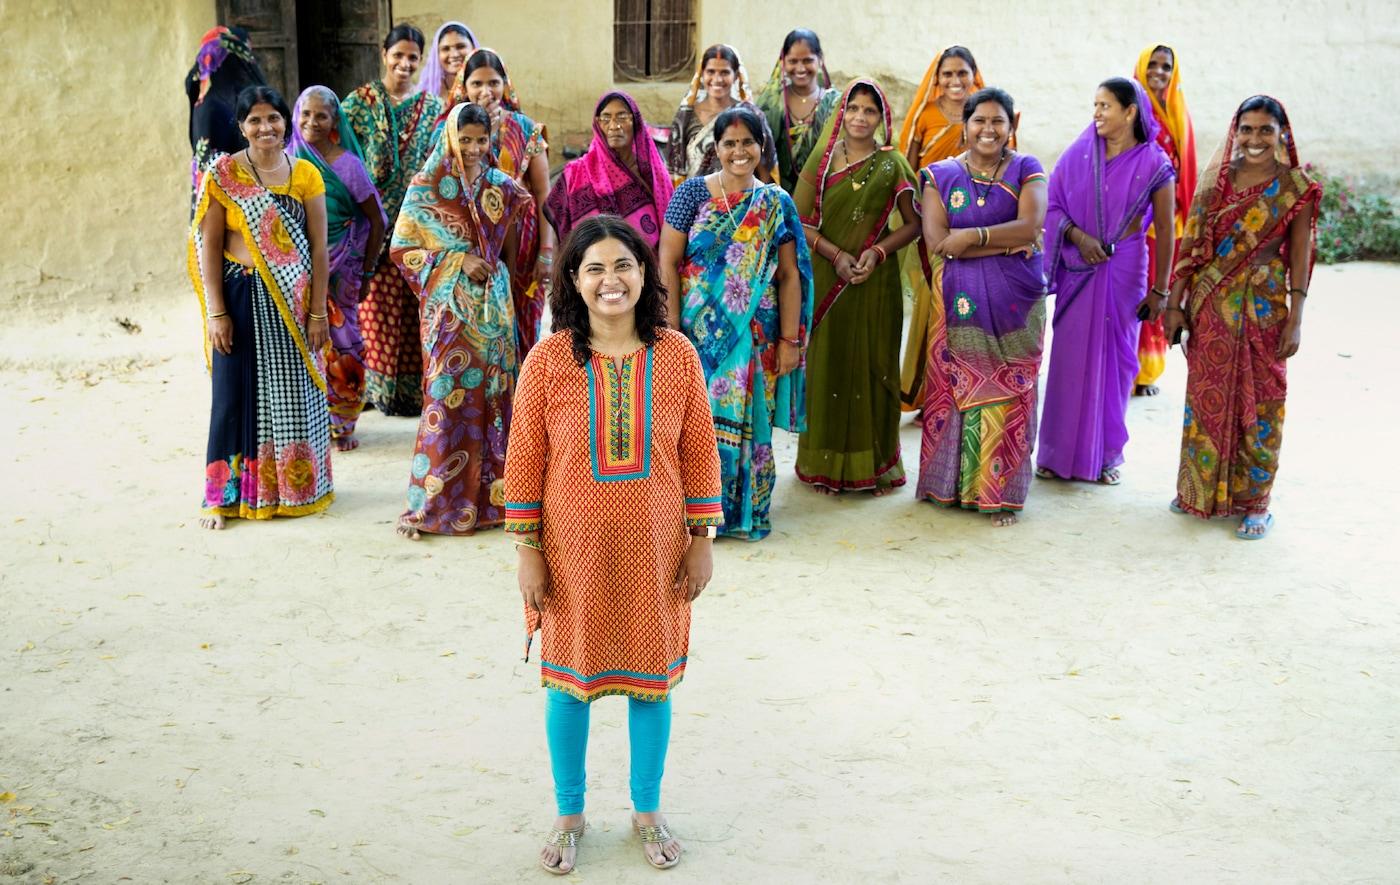 Un groupe d'environ quinze femmes souriantes dans des robes longues colorées debout dans une rue non pavée.